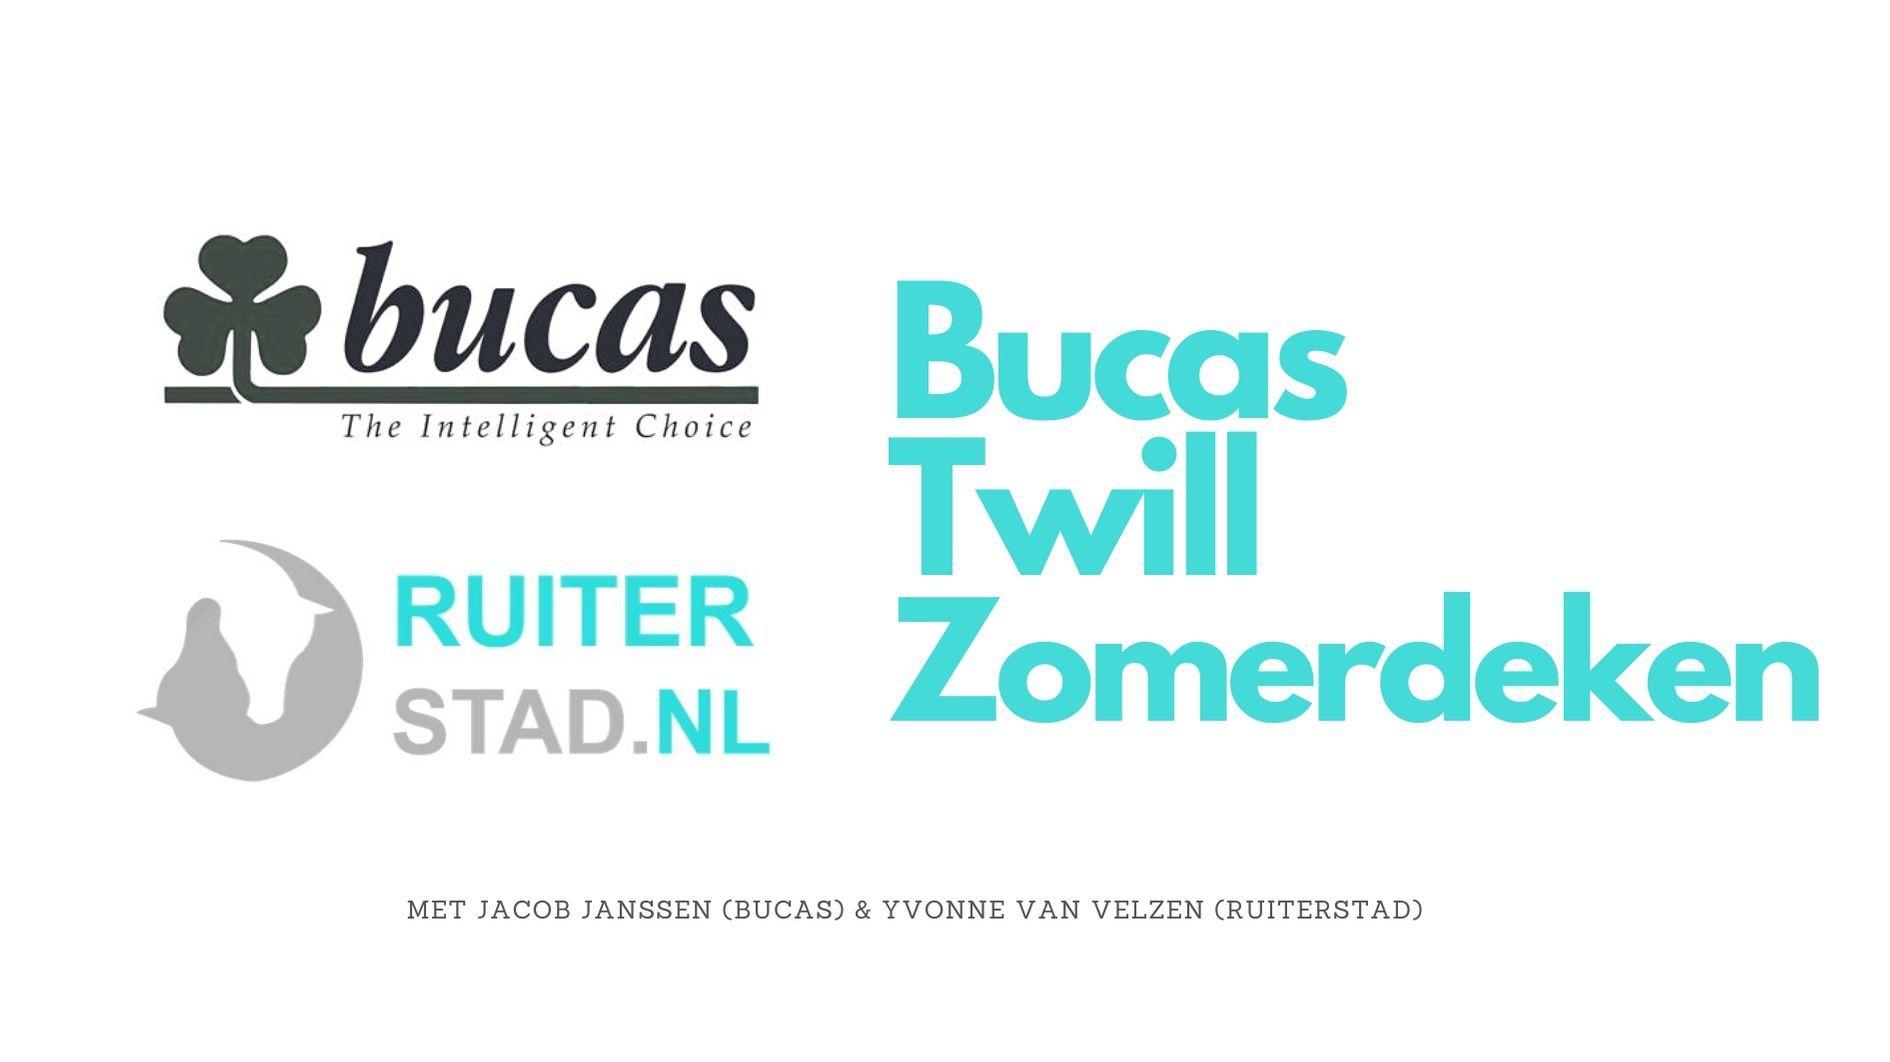 Bucas Twill Zomerdeken *video*!